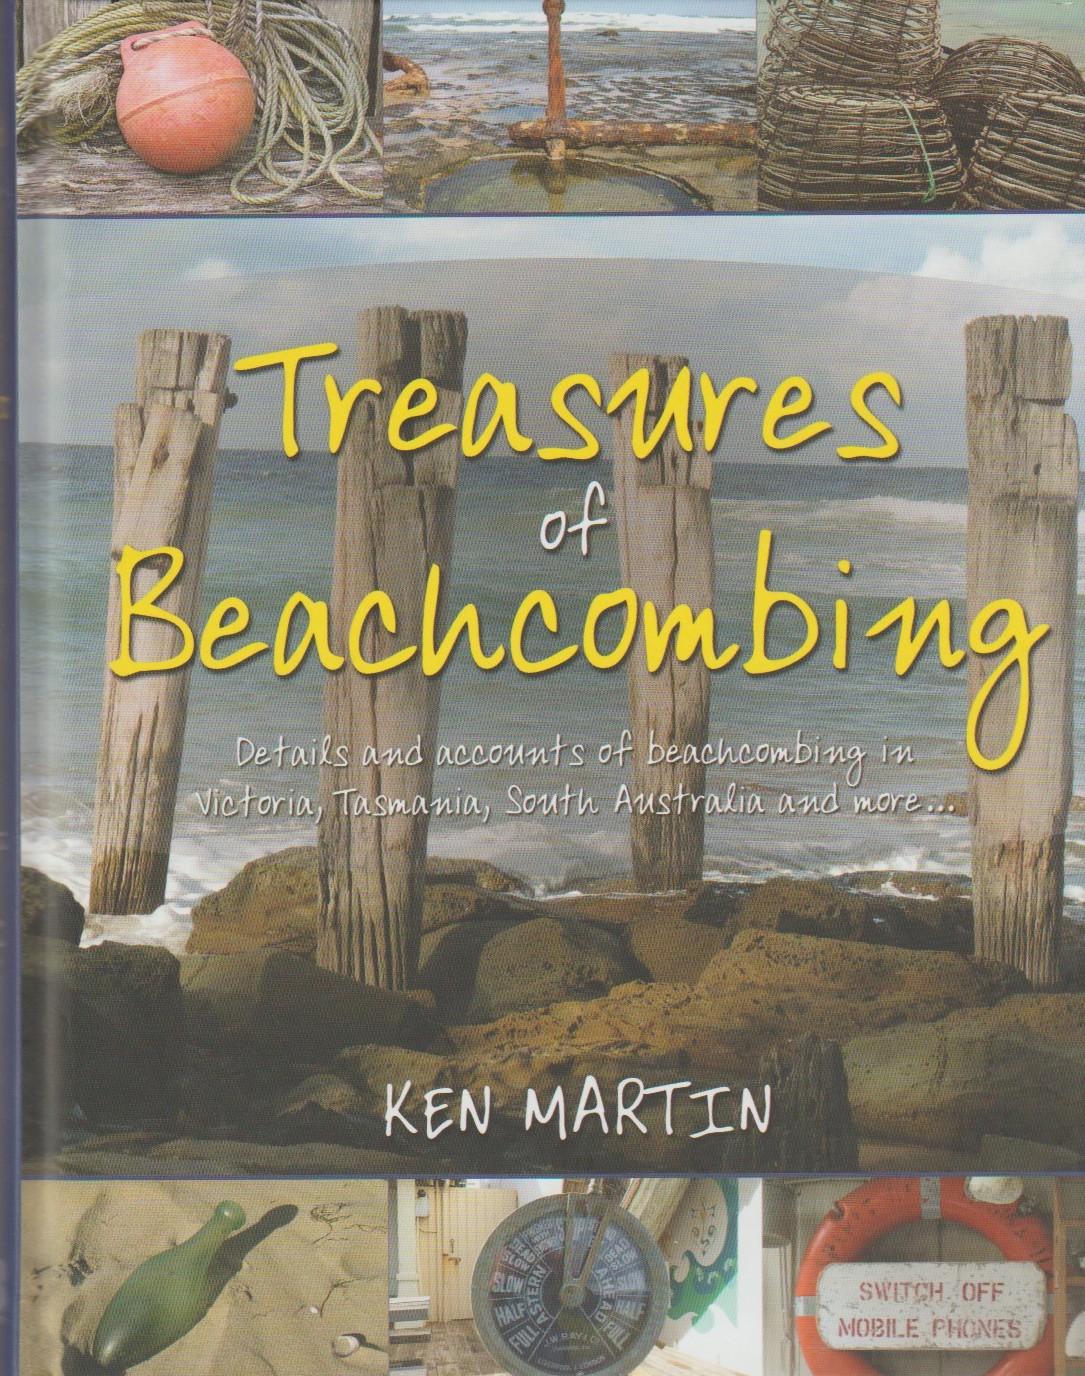 Treasures of Beachcombing